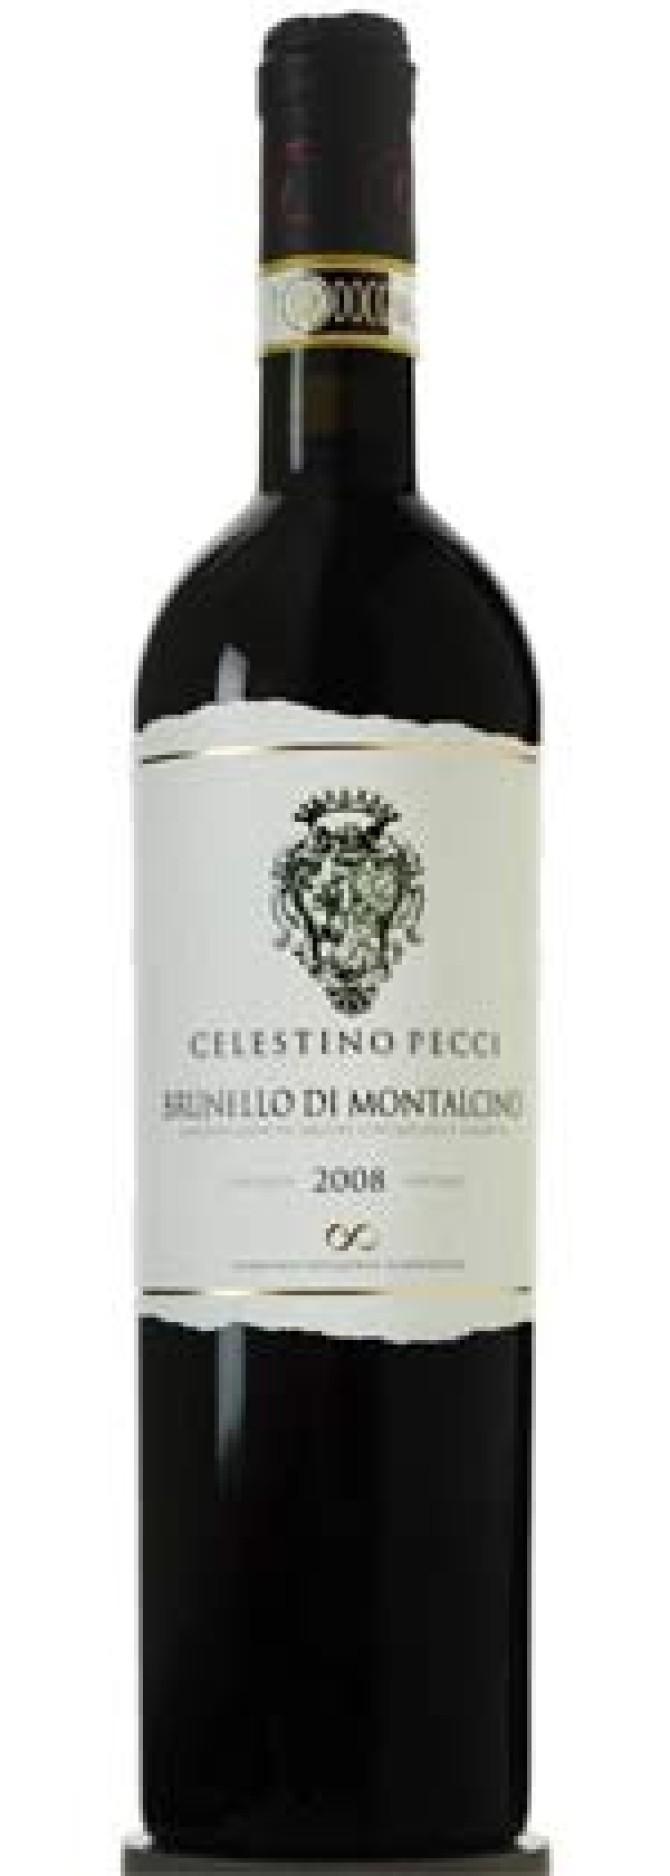 Pecci Celestino Brunello di Montalcino 2008